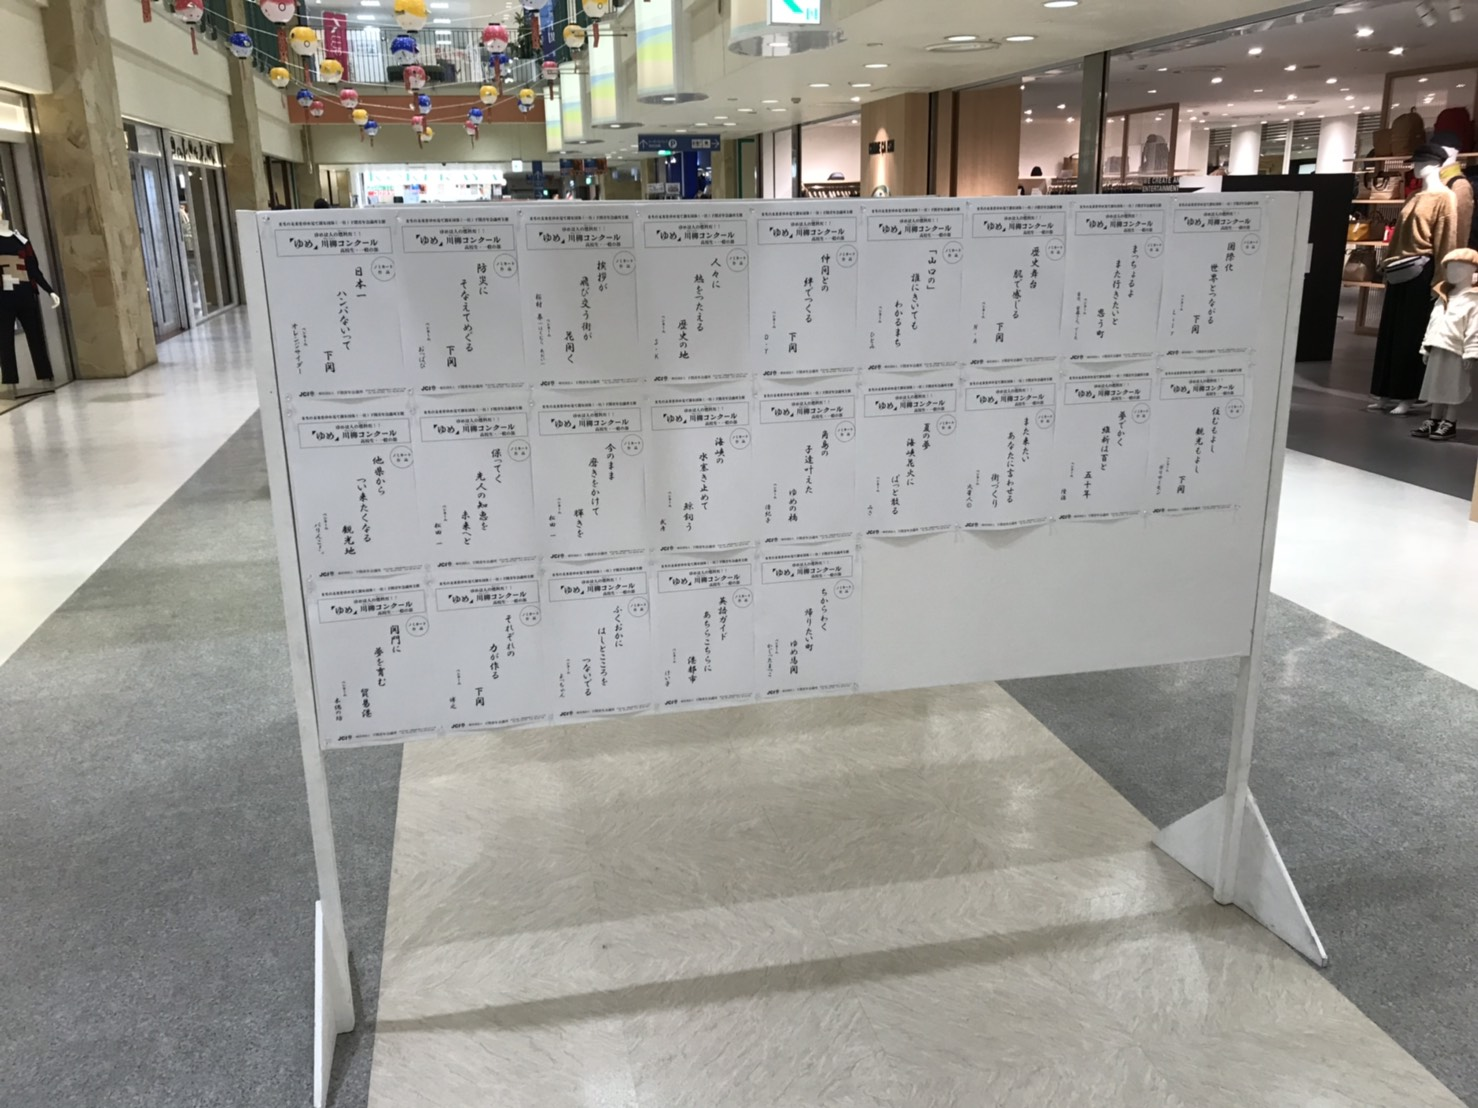 ゆめは人の燃料だ!!「ゆめ」川柳コンクール ◎作品展示◎のサムネイル画像4